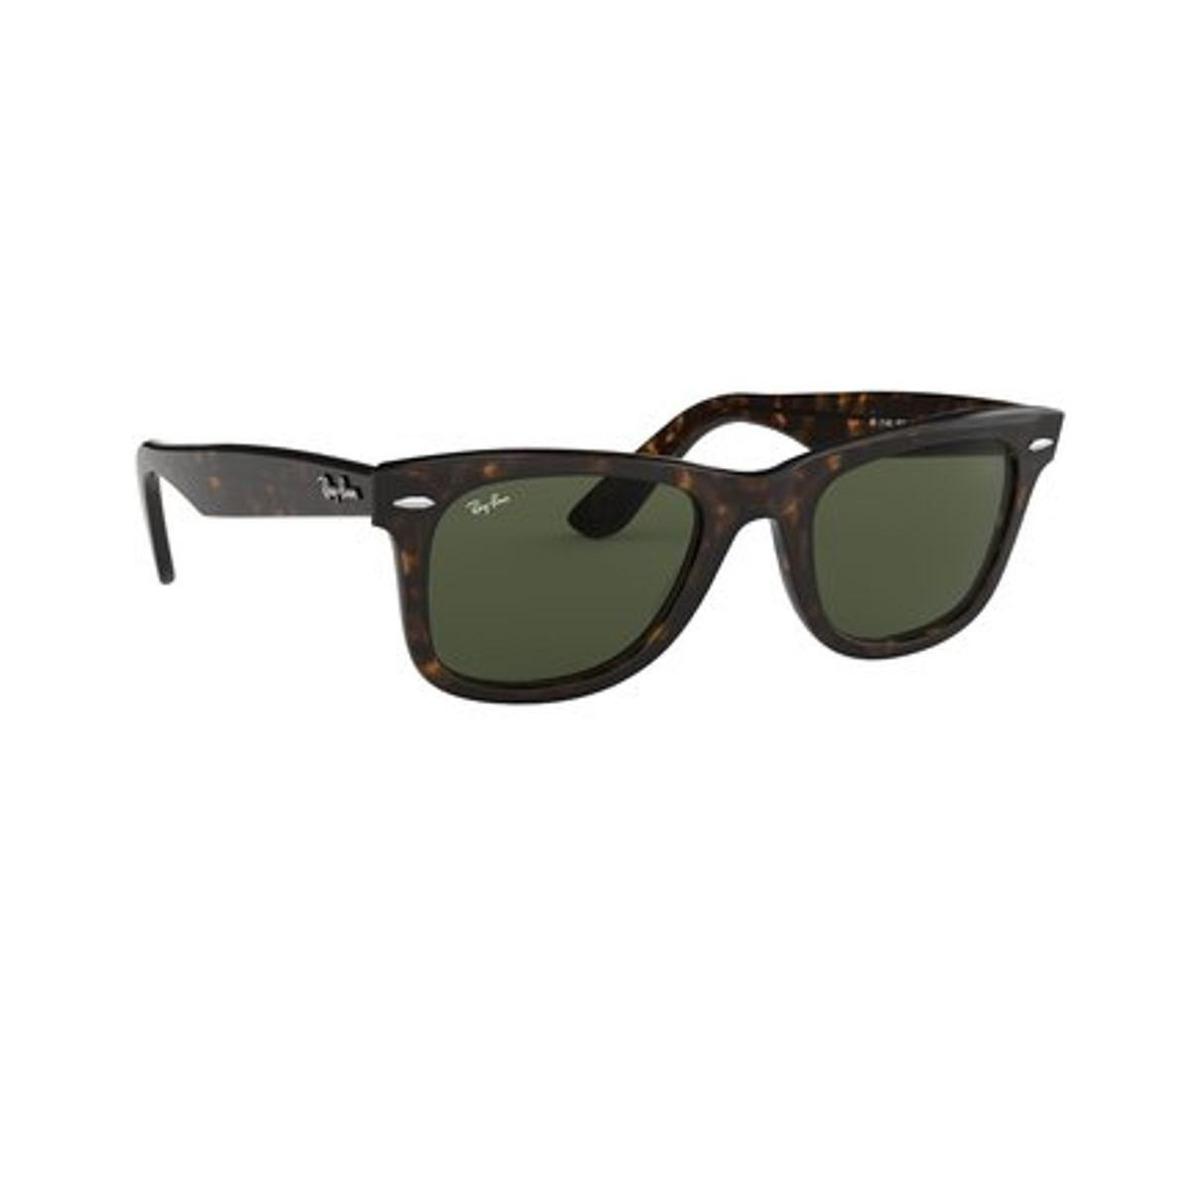 85a84ac7a6 Lentes De Sol Ray-ban Wayfarer Para Hombre-verde - $ 5,957.00 en ...